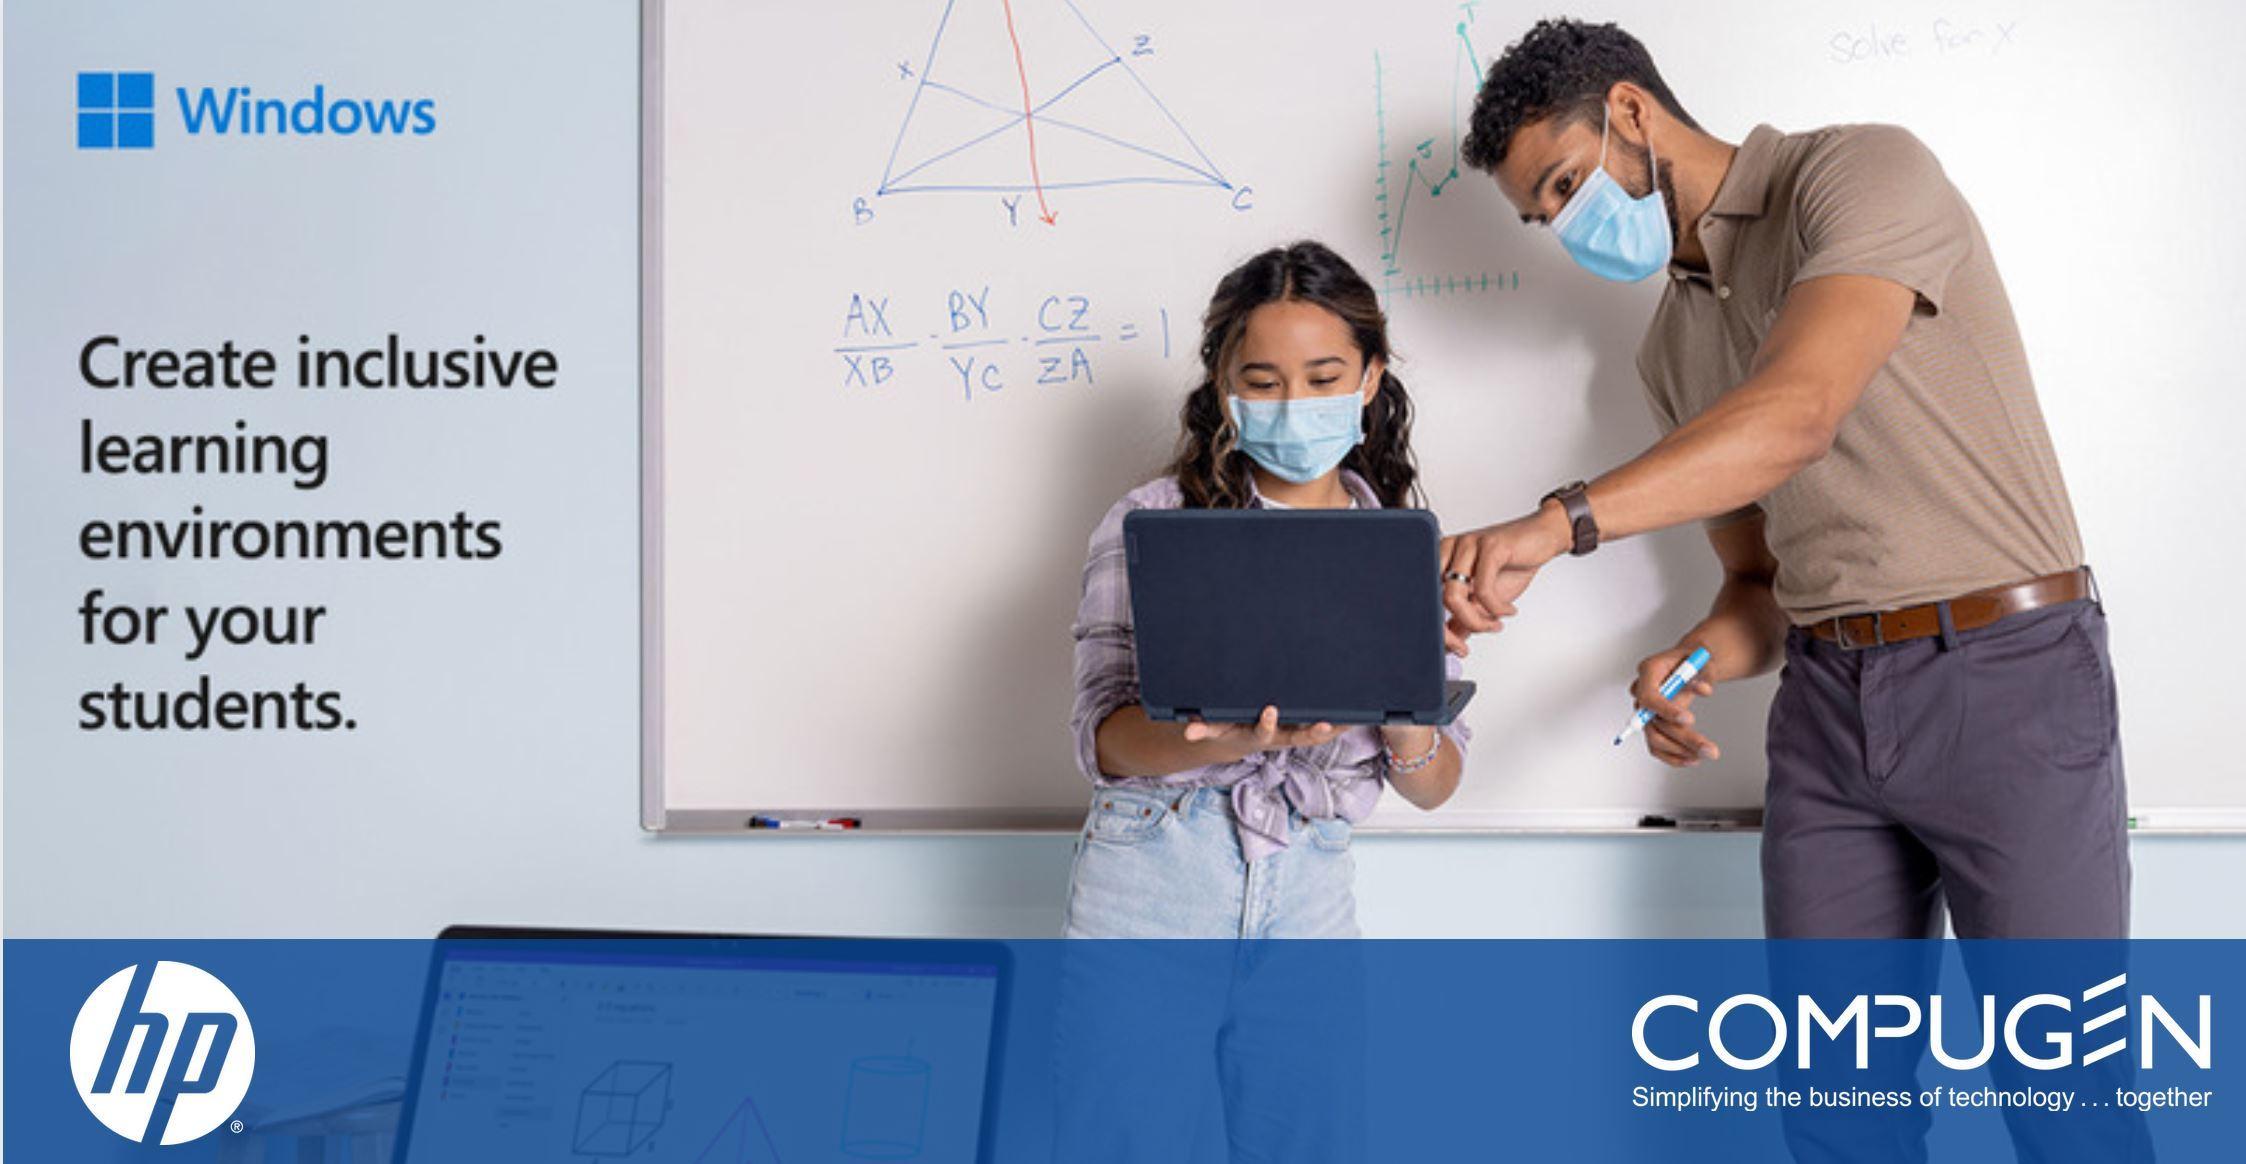 Education Q1 social media ad